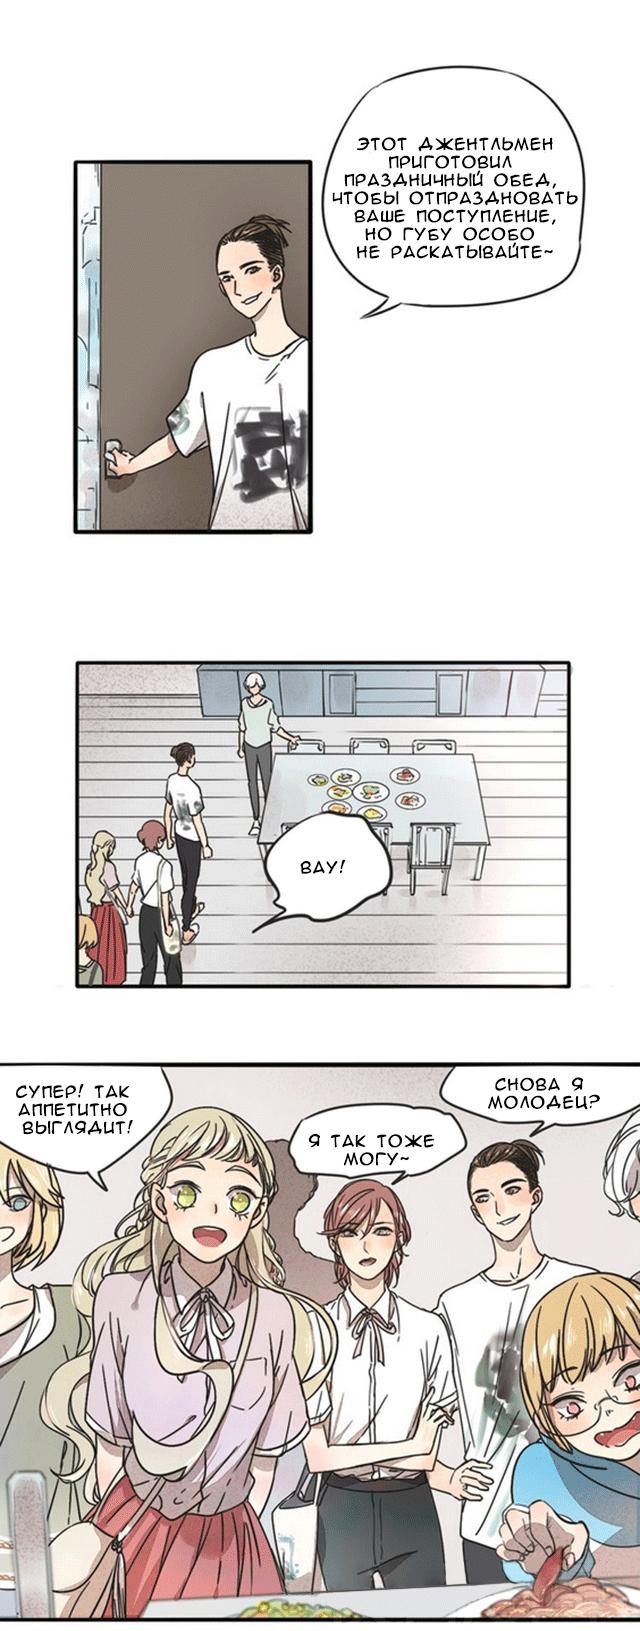 https://r2.ninemanga.com/comics/pic4/20/30804/1339173/1557529247762.png Page 3